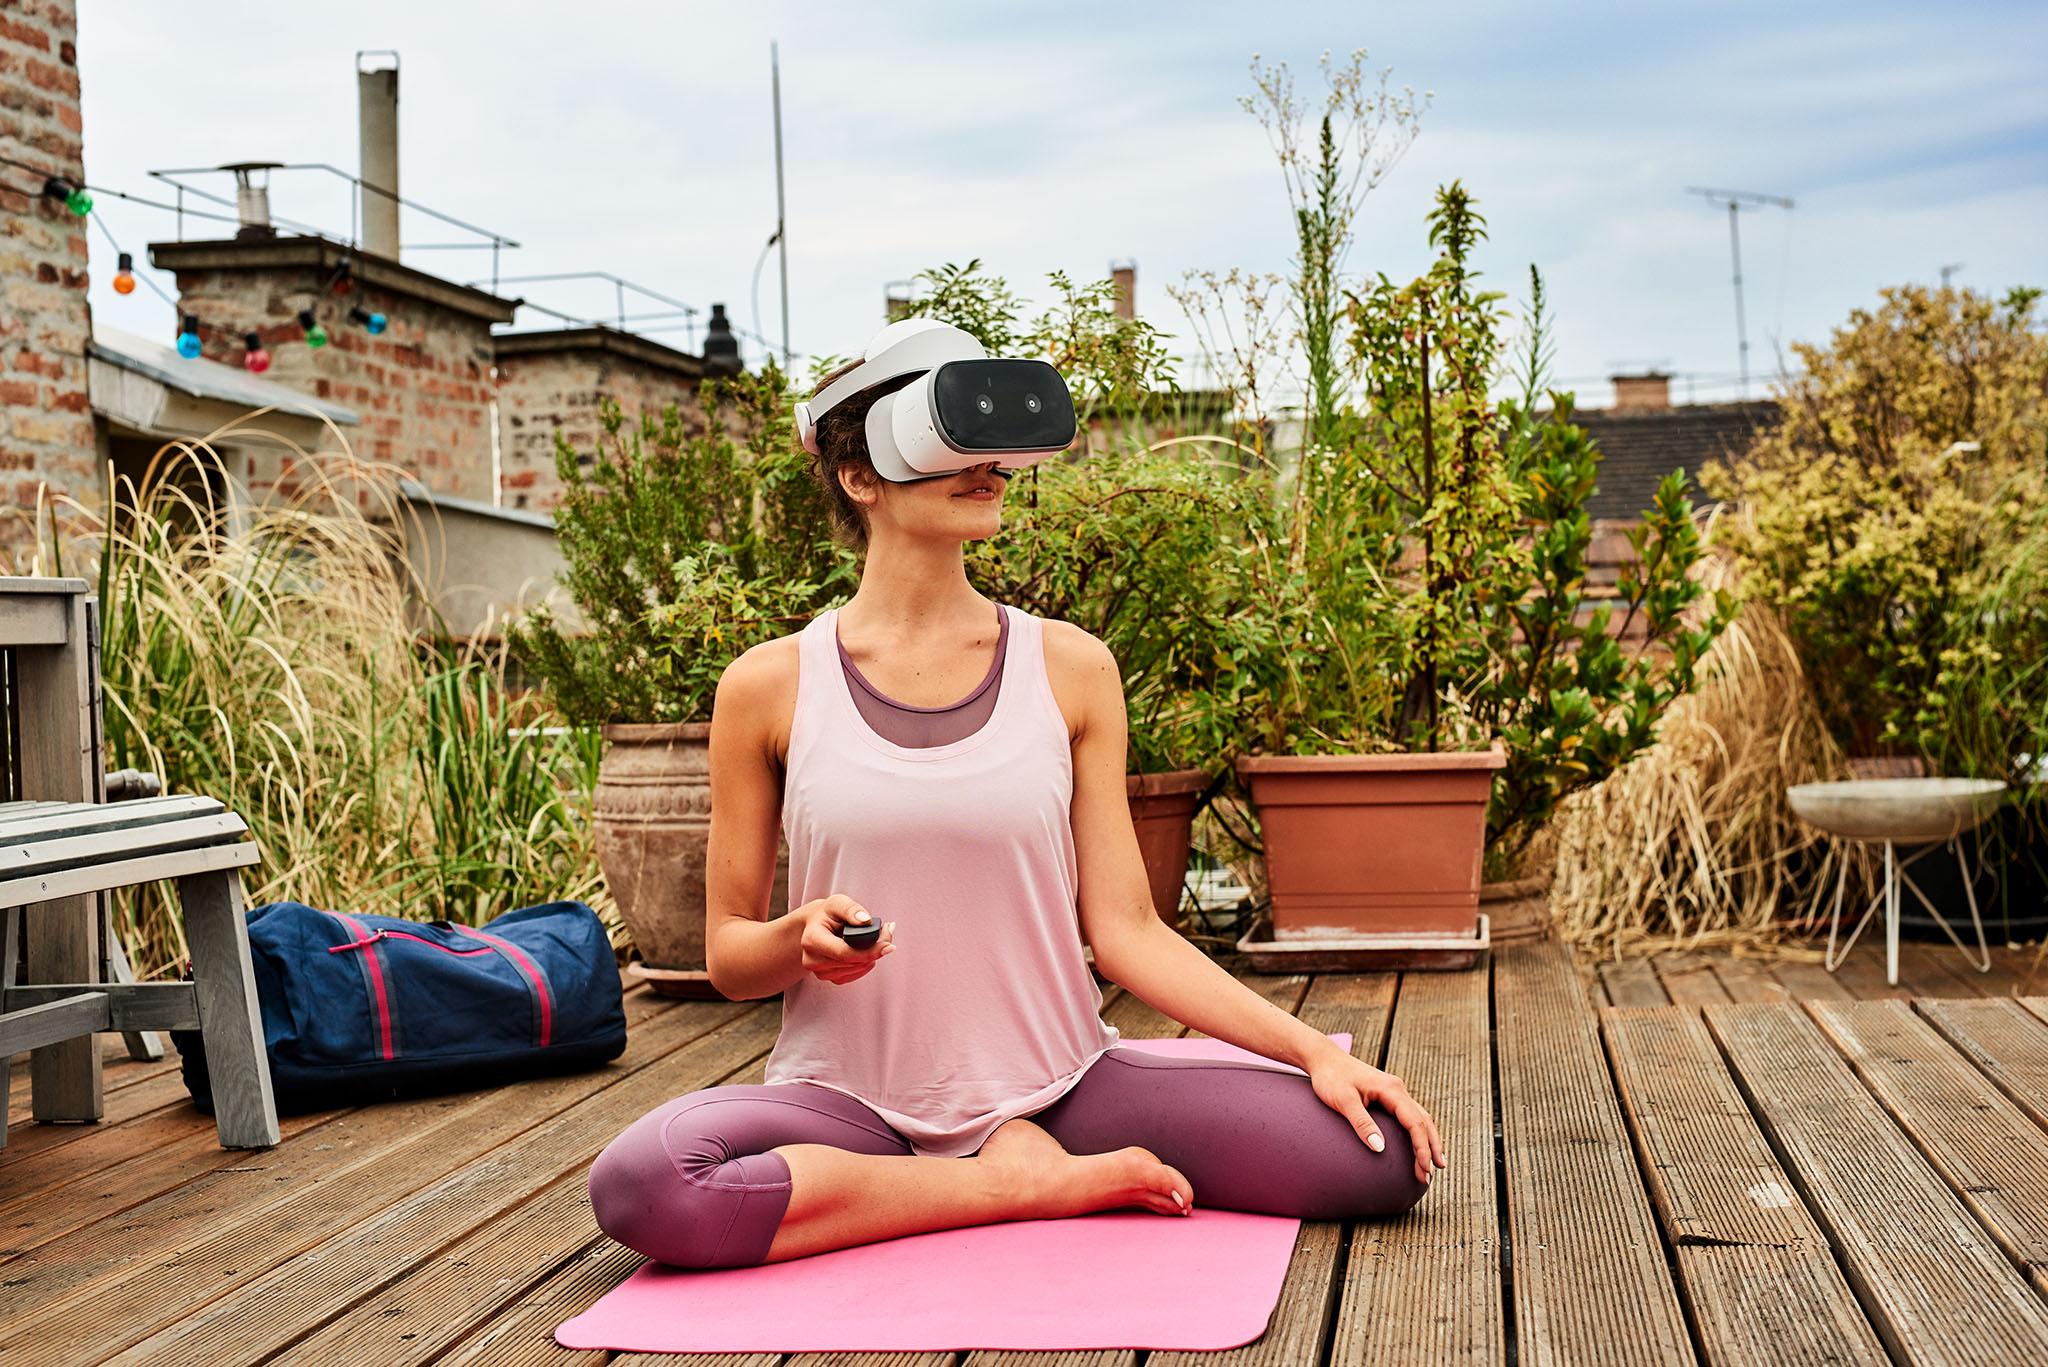 Entspannen mit der Magenta Virtual Reality App